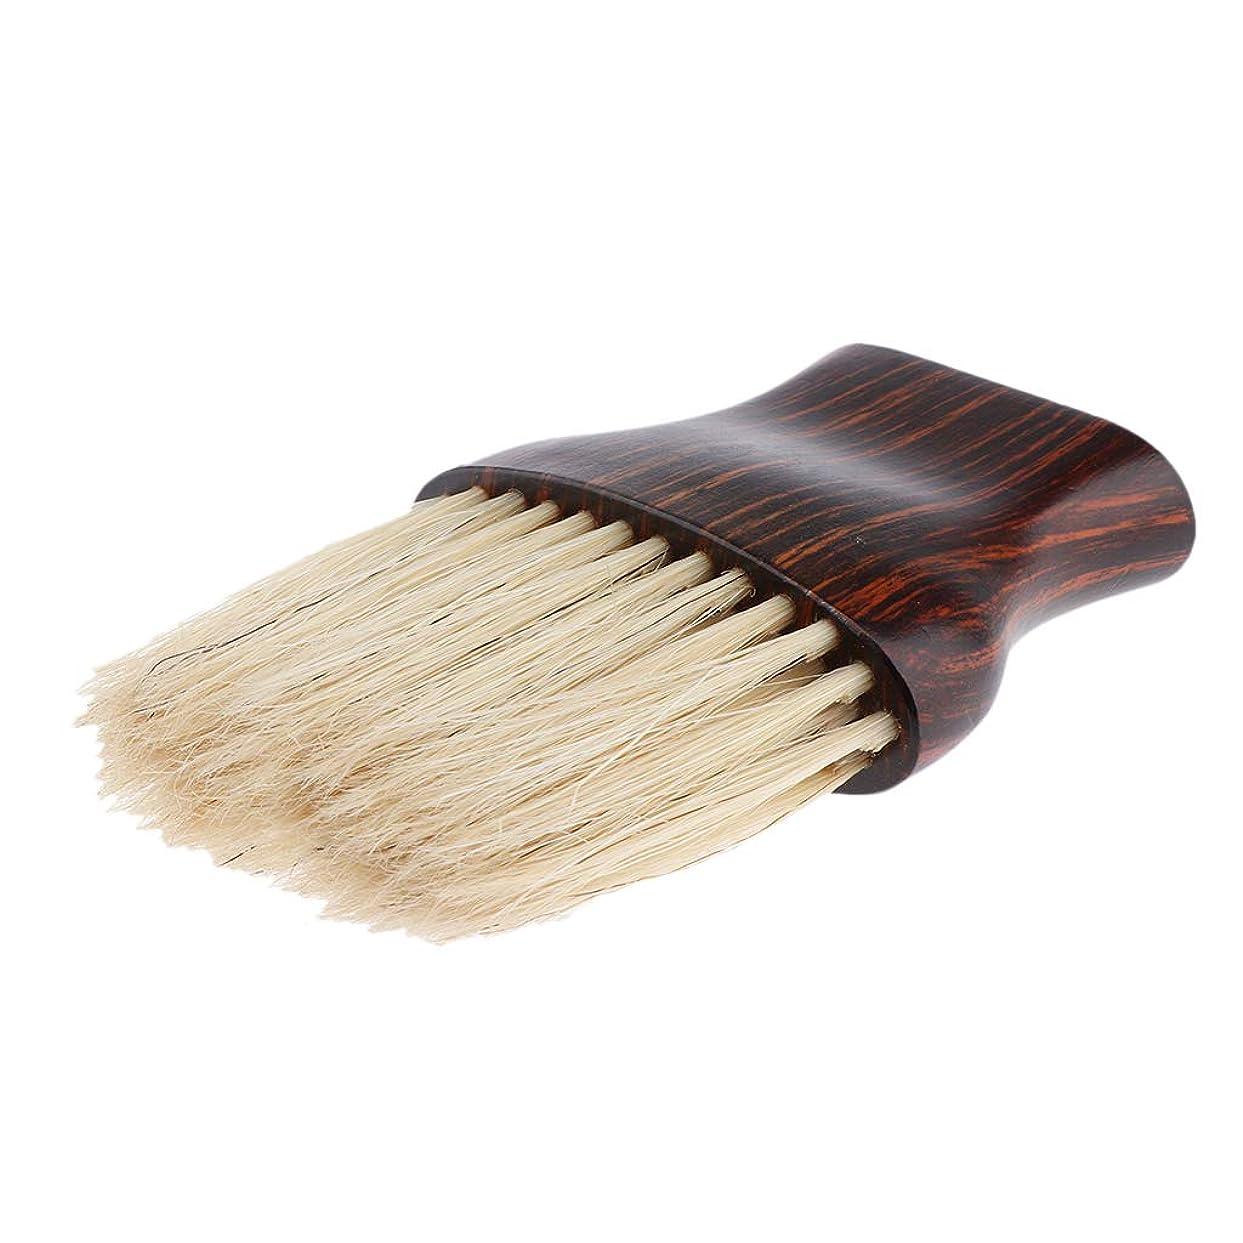 パケット神聖郡F Fityle ネックダスターブラシ ヘアカットブラシ クリーニング ヘアブラシ 理髪美容ツール